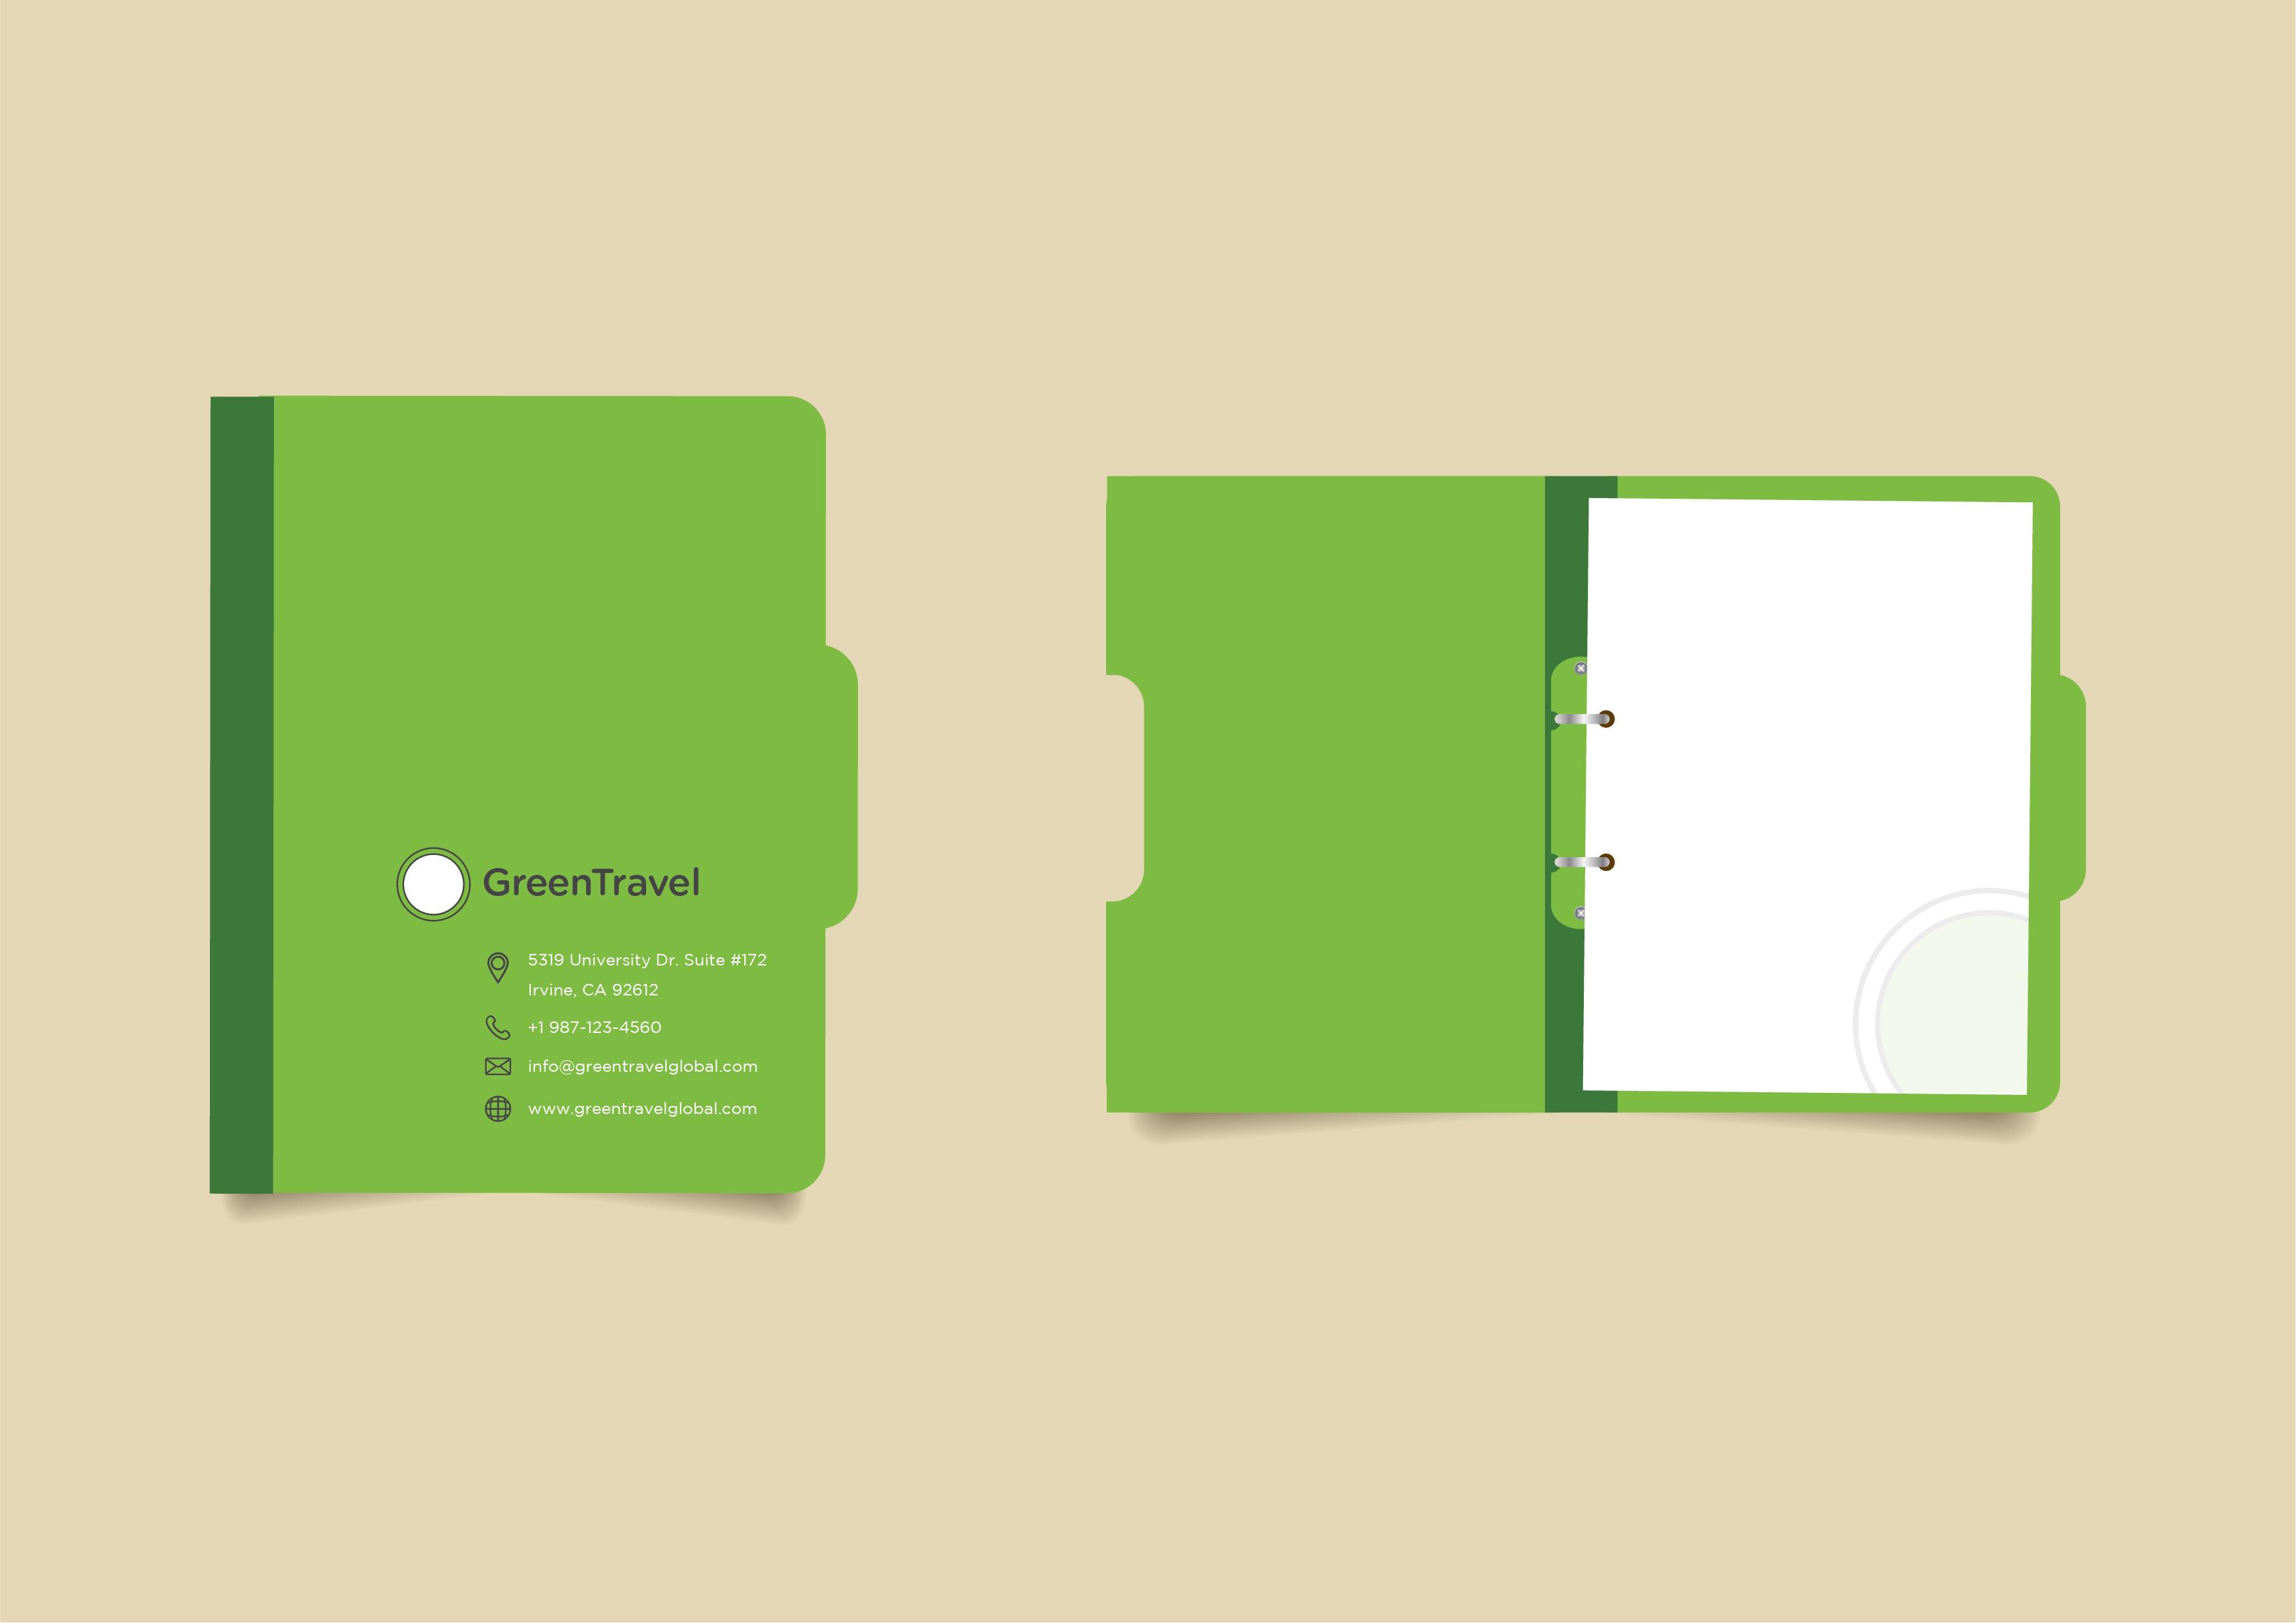 Travel & Railway Ticket Booking App UI/UX Design & Branding